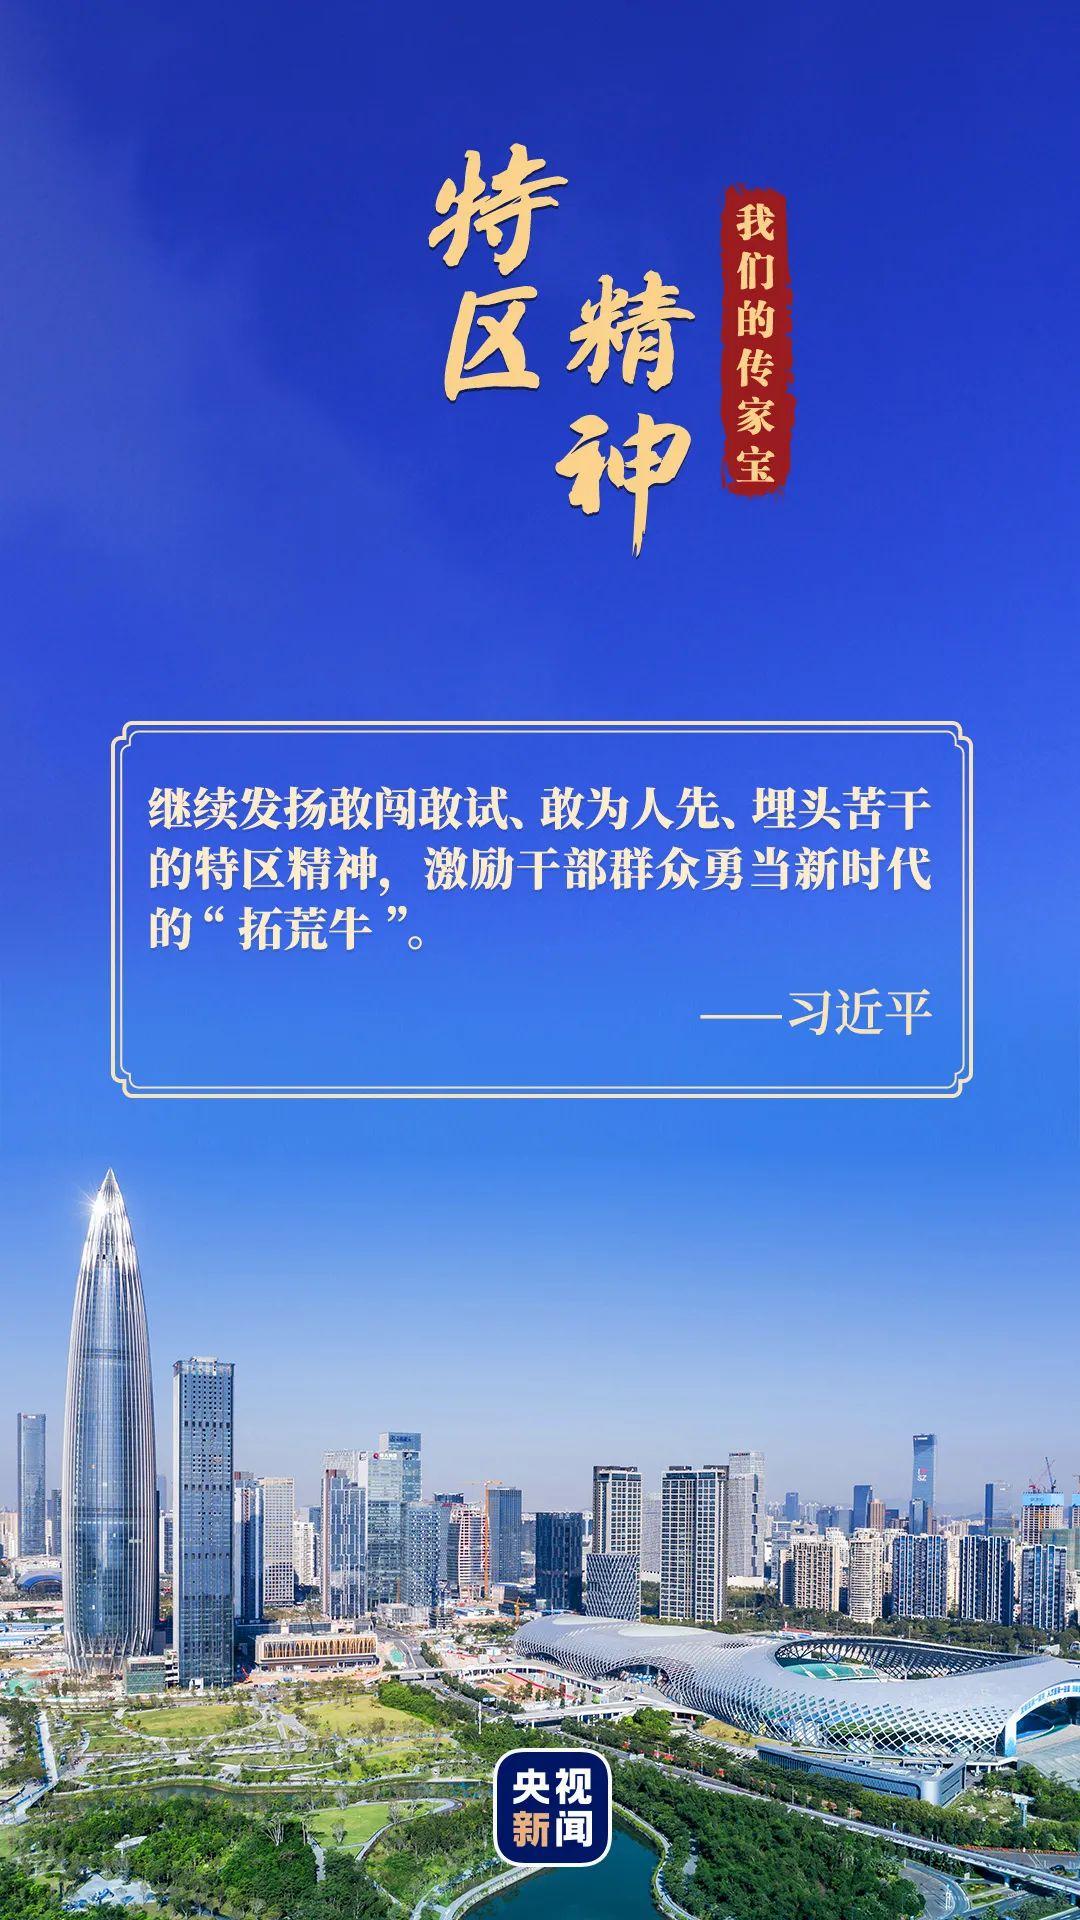 广州冼村杀人案现场_追忆之风魔化_襄樊亚洲亚洲拳交在线